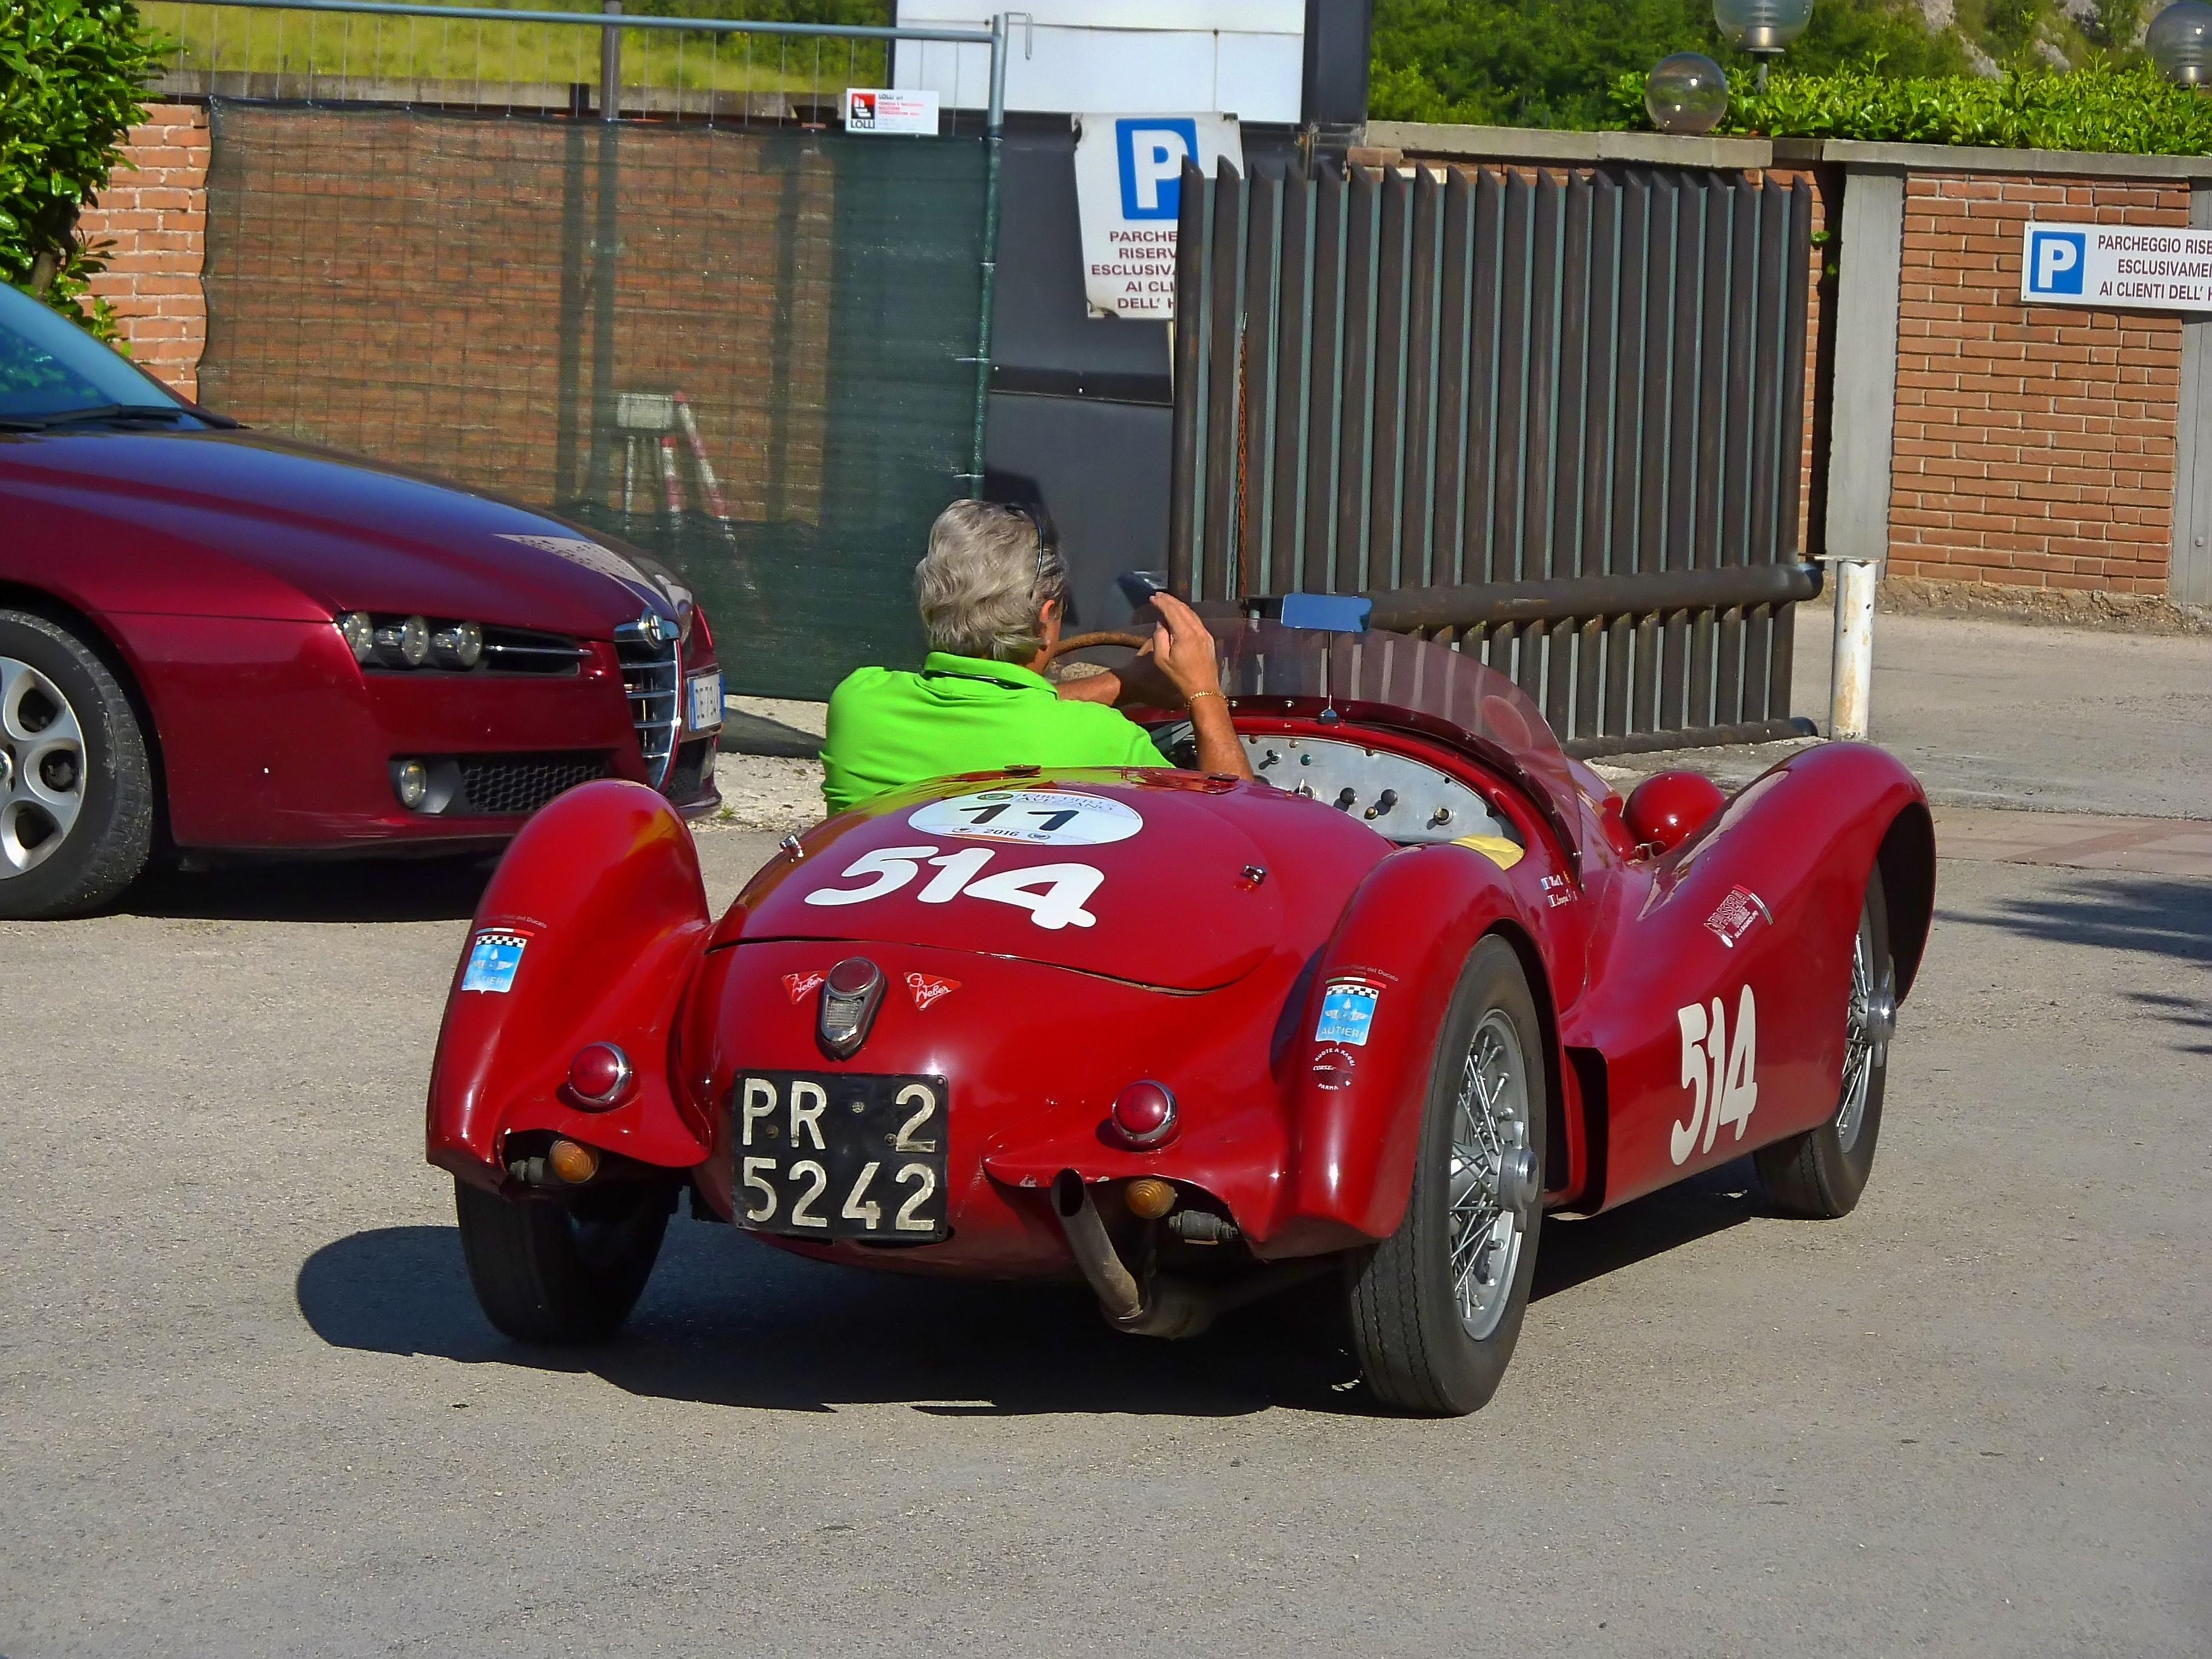 4th Circuito Di Avezzano (357)